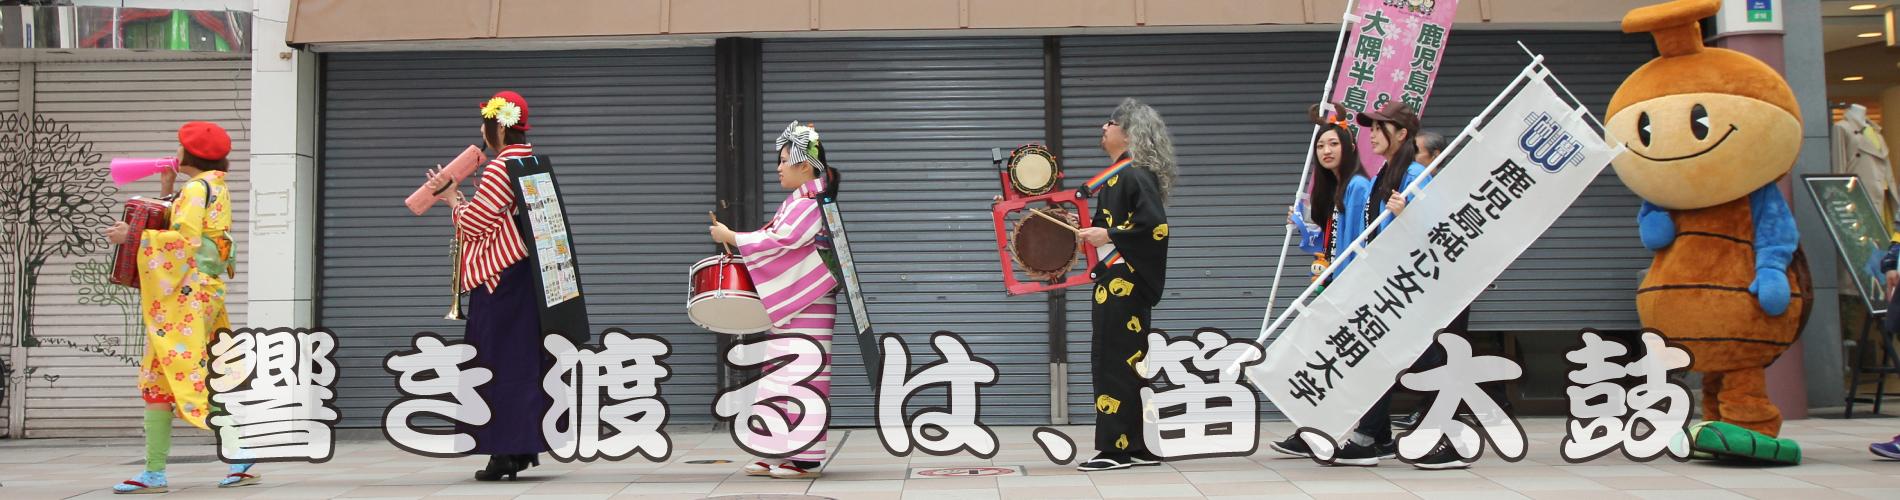 響き渡るは、笛、太鼓